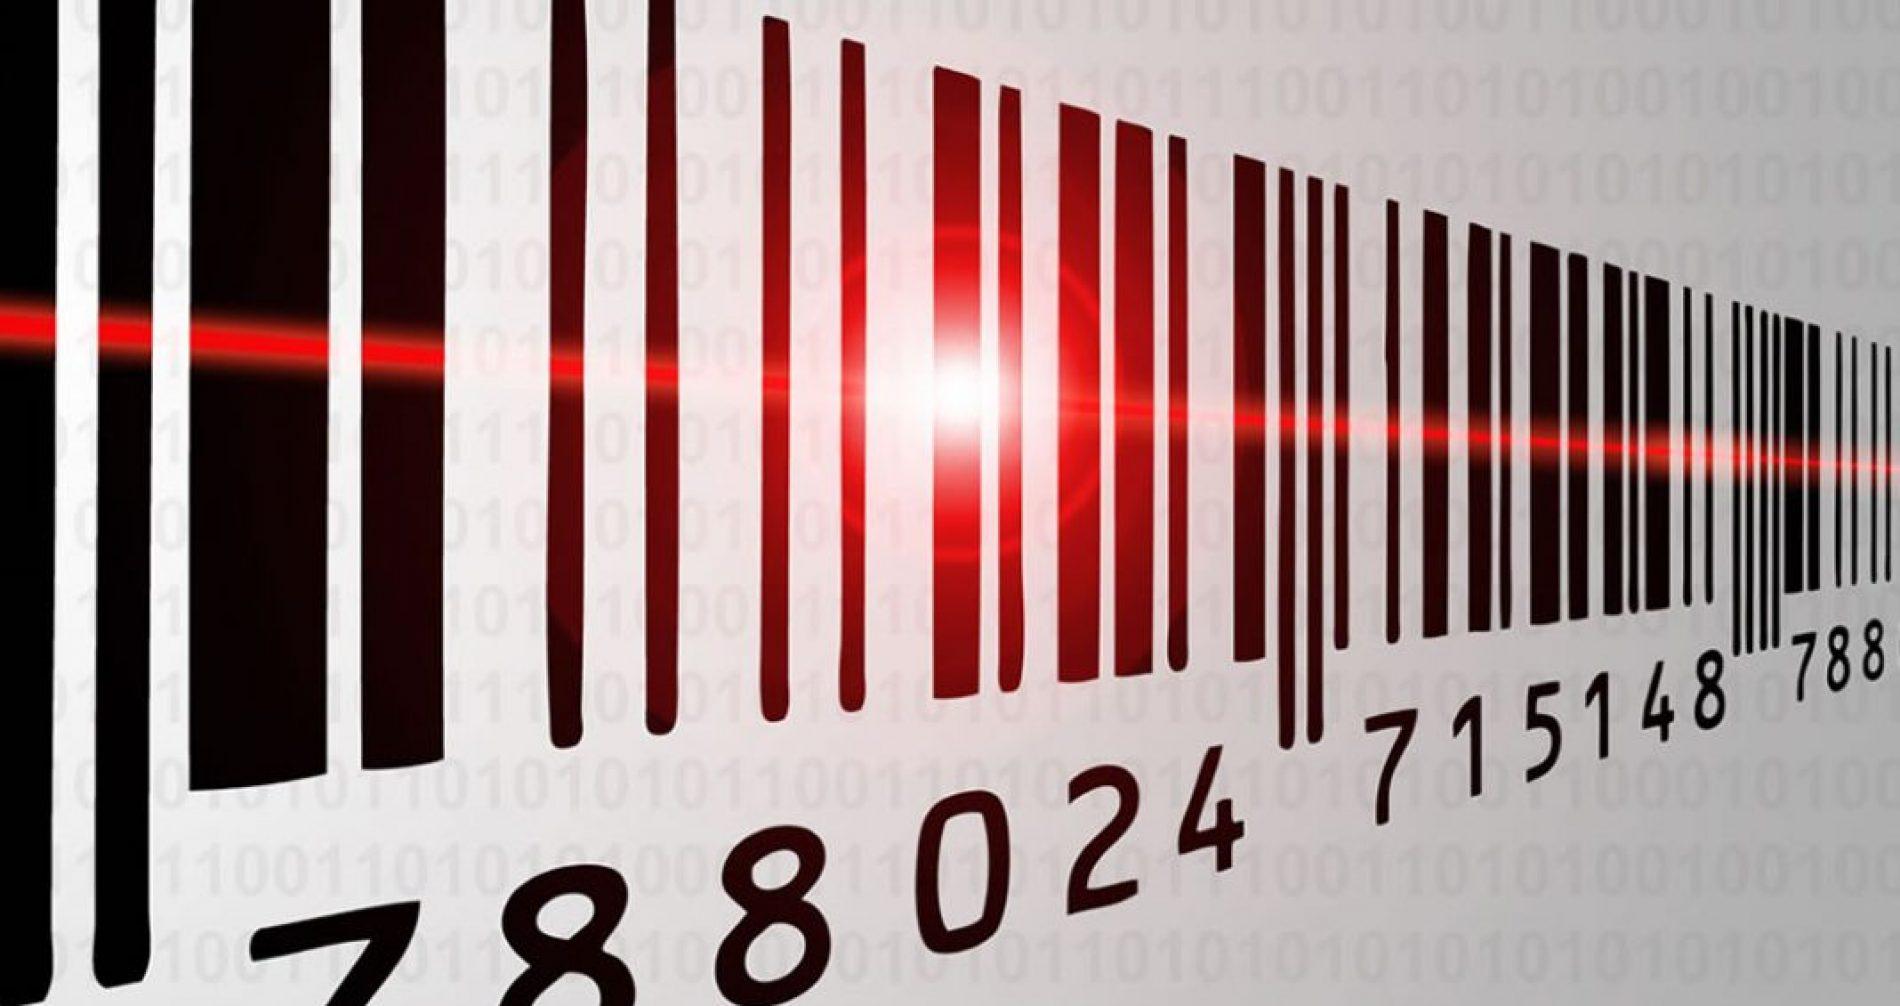 BARRETOS: Comerciante paga boleto falso e perde mais de 5 mil